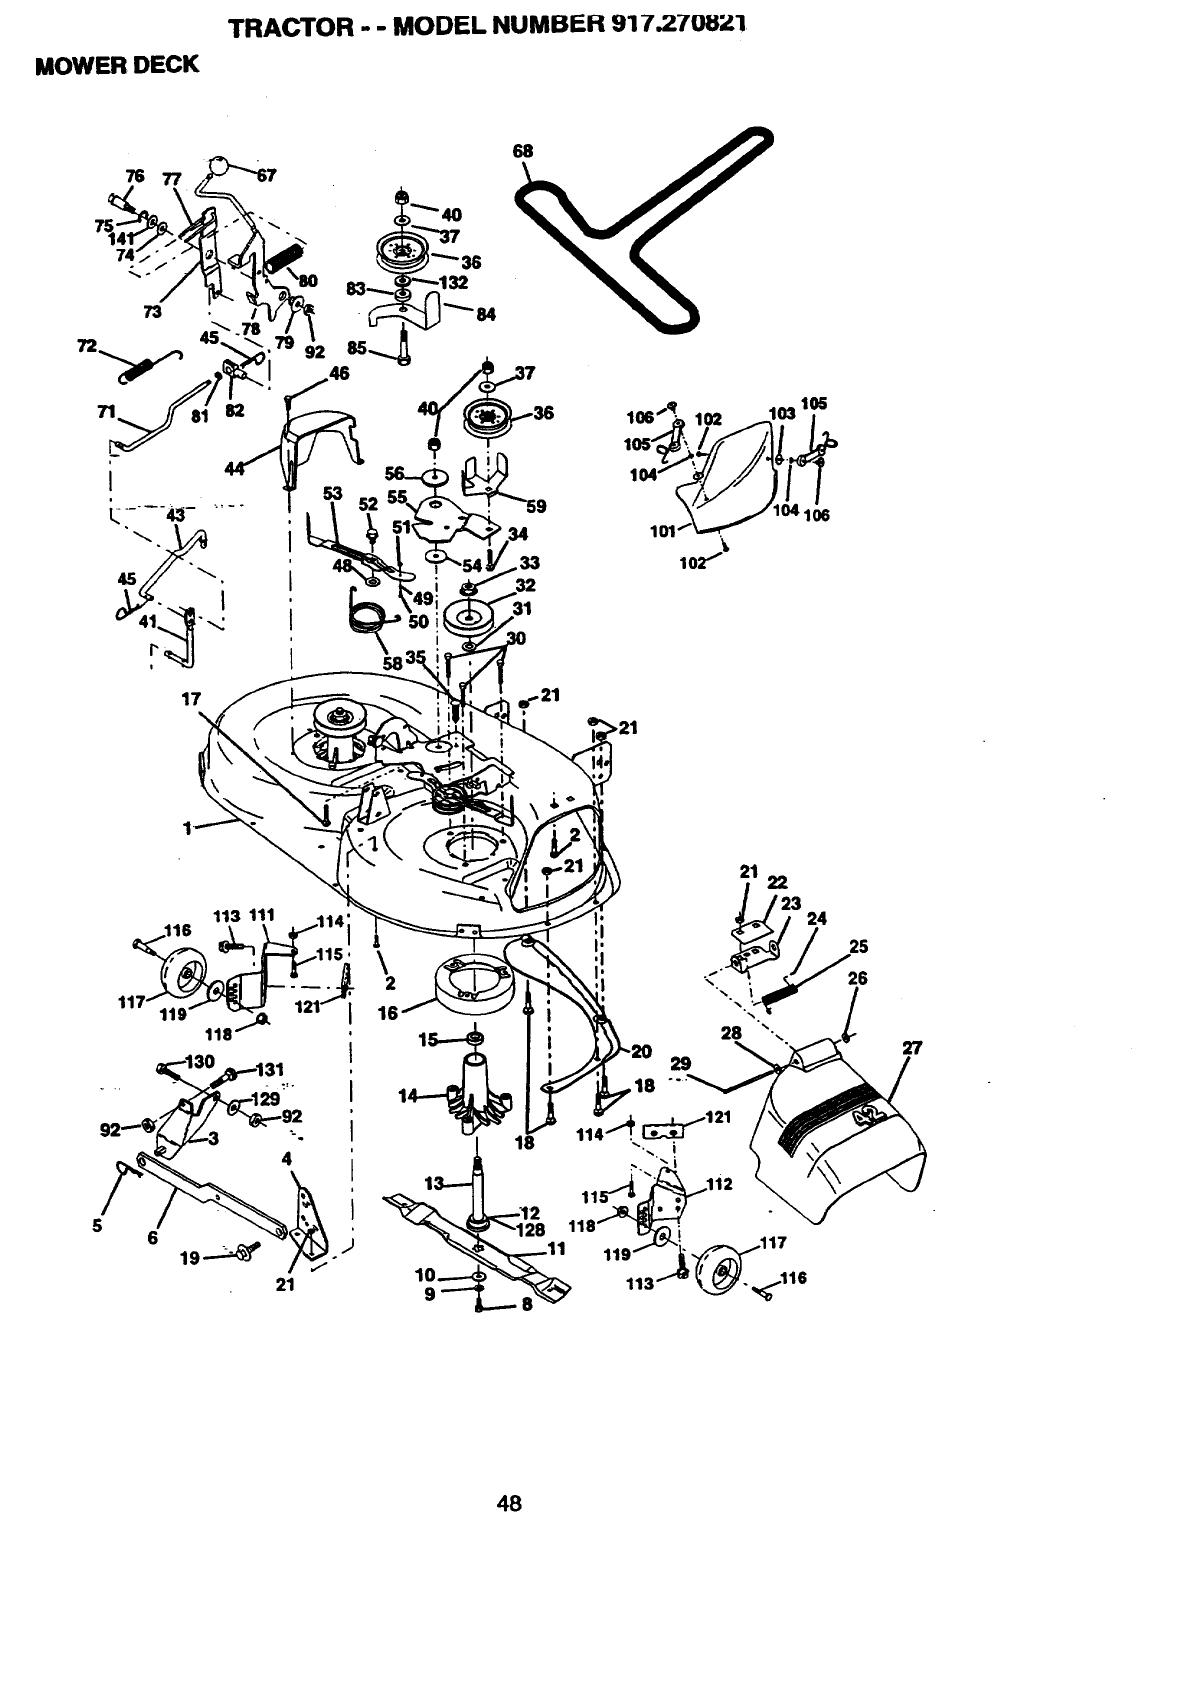 Craftsman 917270821 User Manual 19.5 HP ELECTRIC START